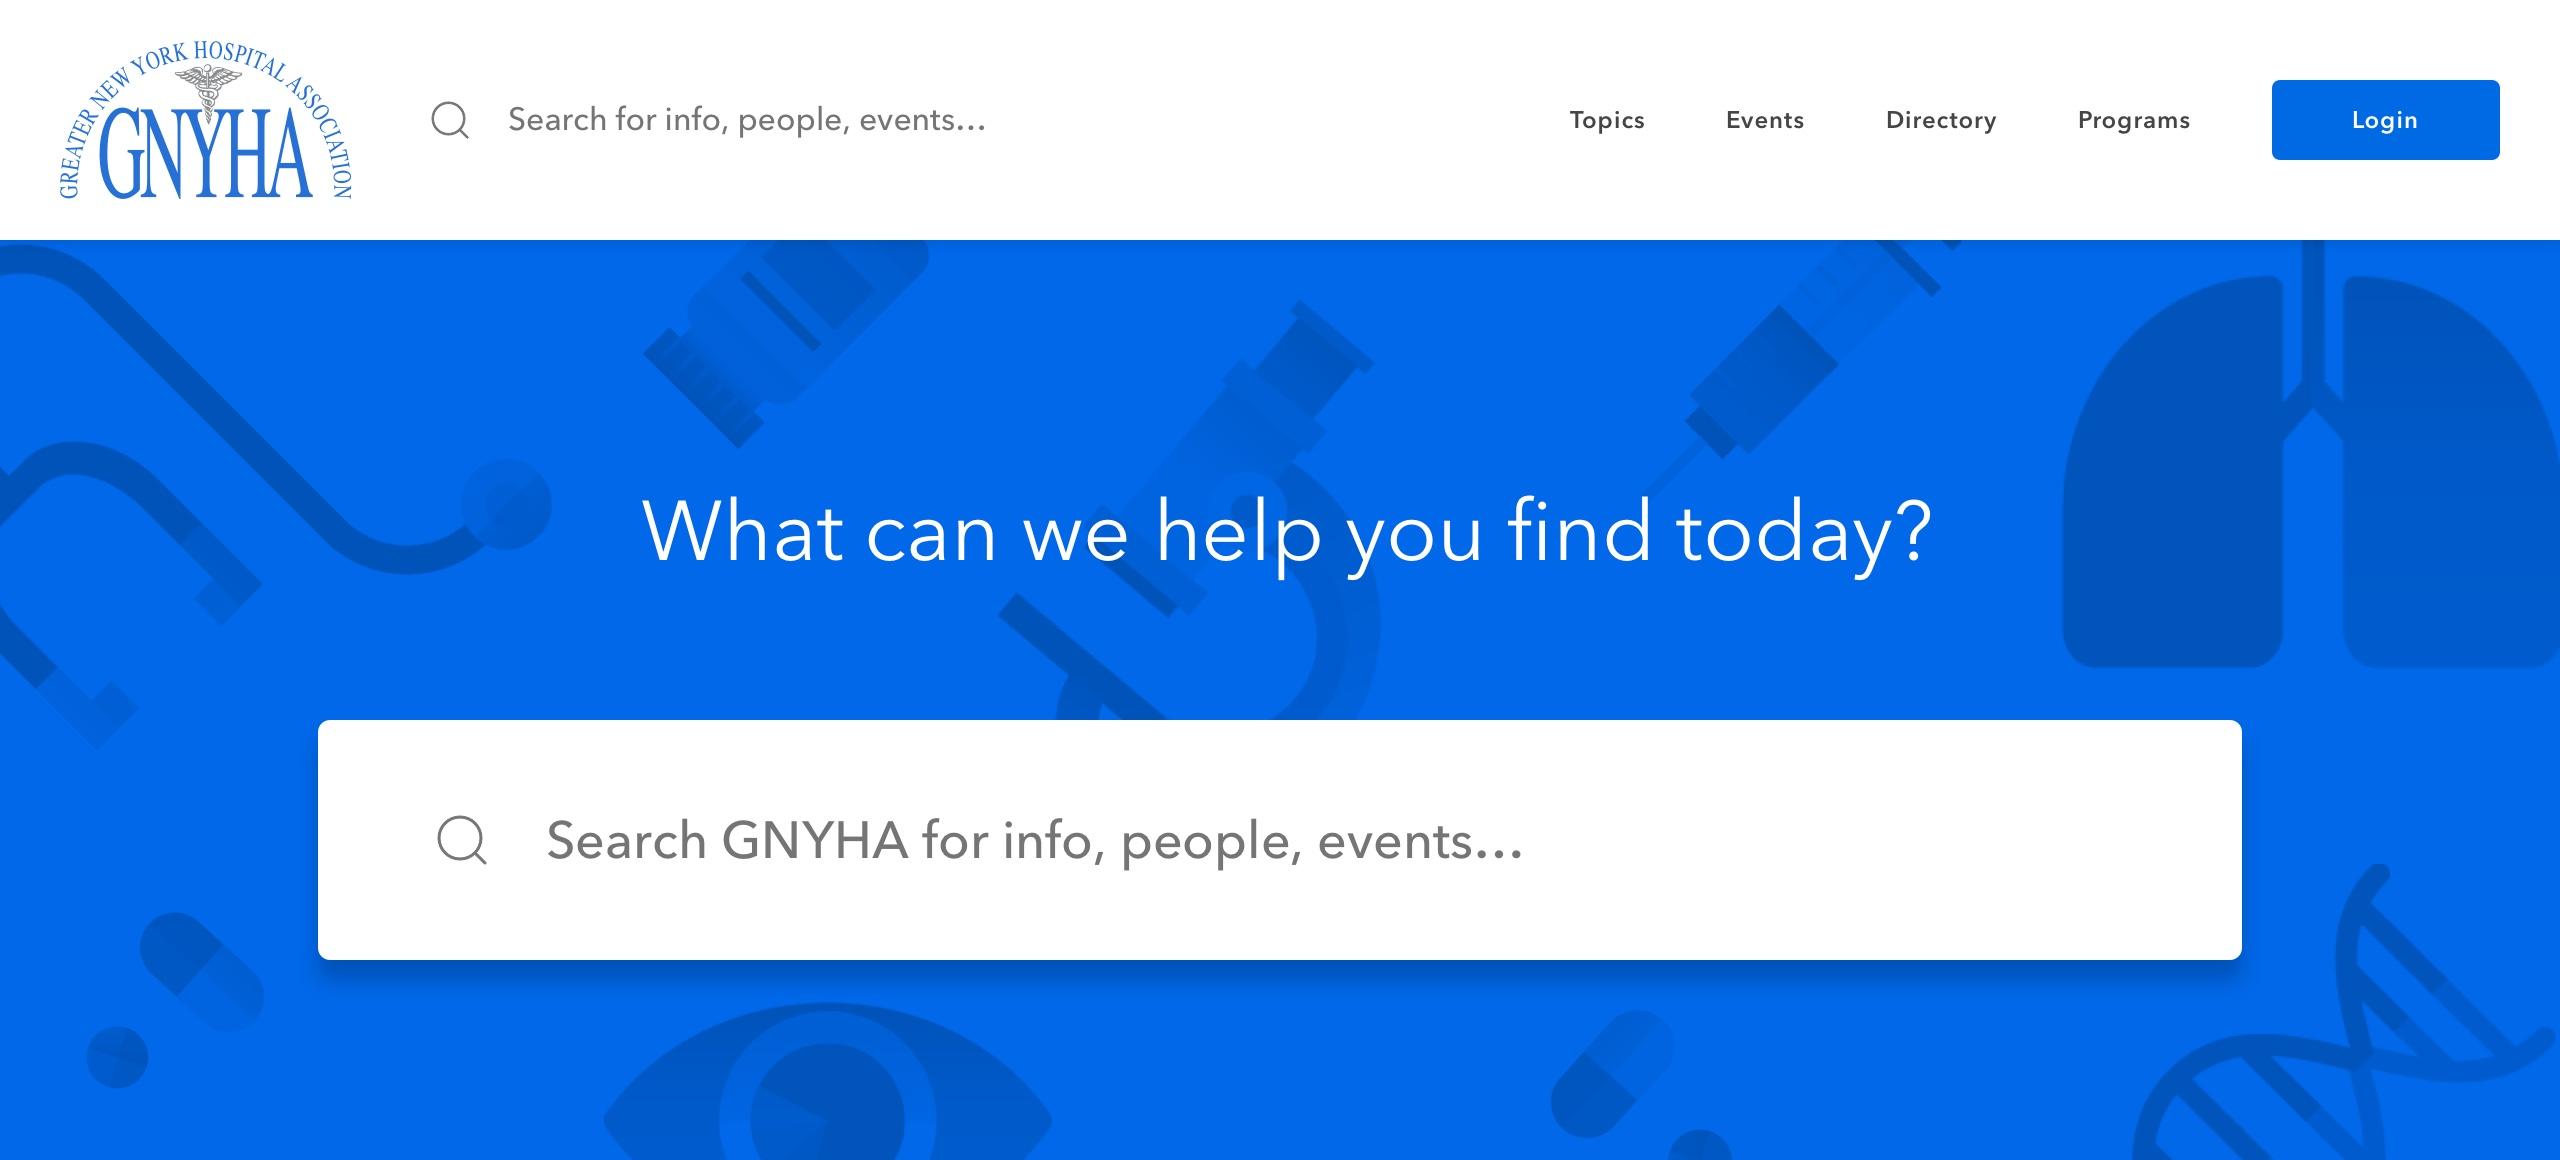 GNYHA Search